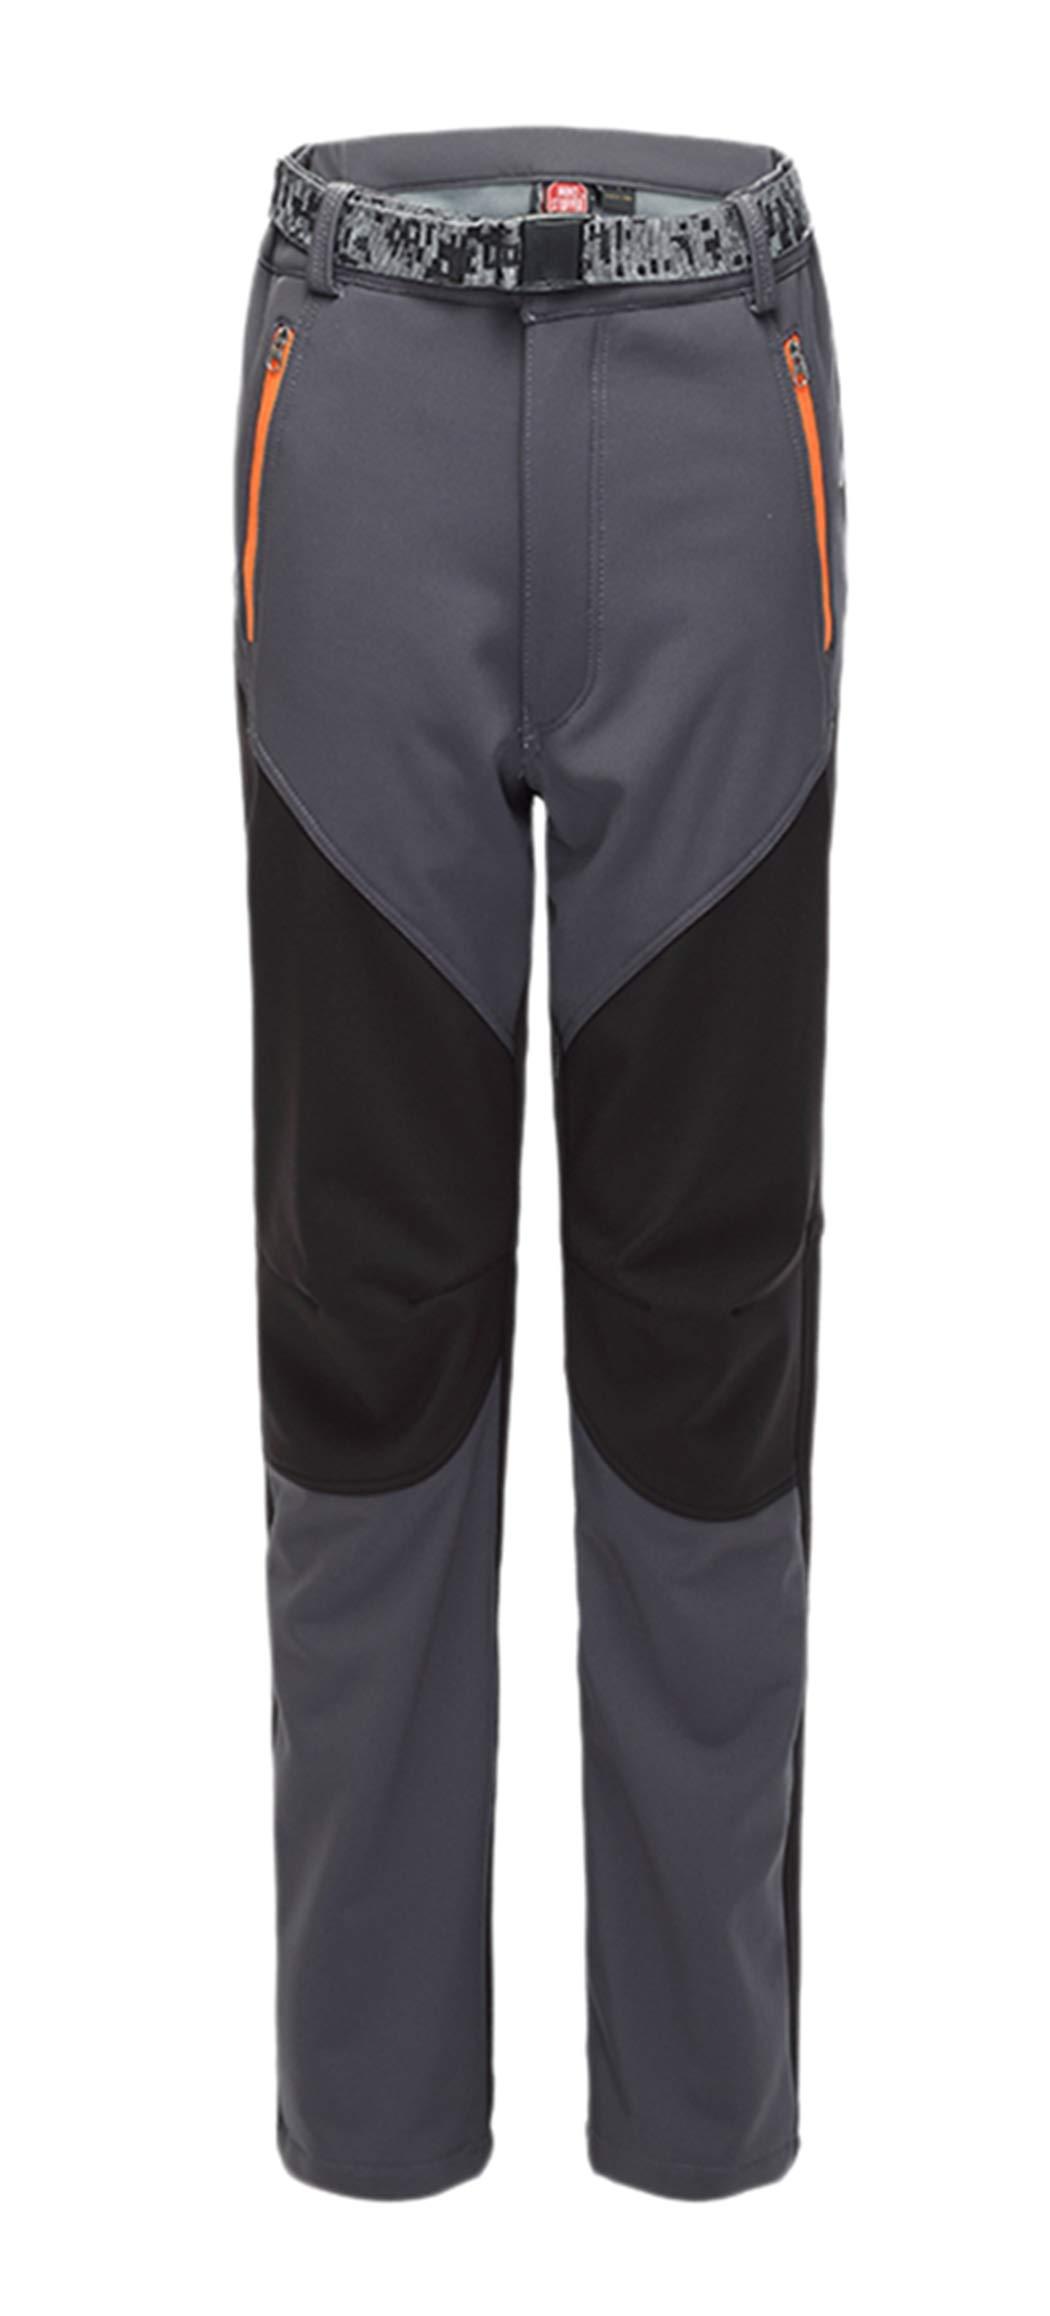 CATERTO Women's Outdoor Windproof Waterproof Softshell Fleece Snow Pants Grey S by CATERTO